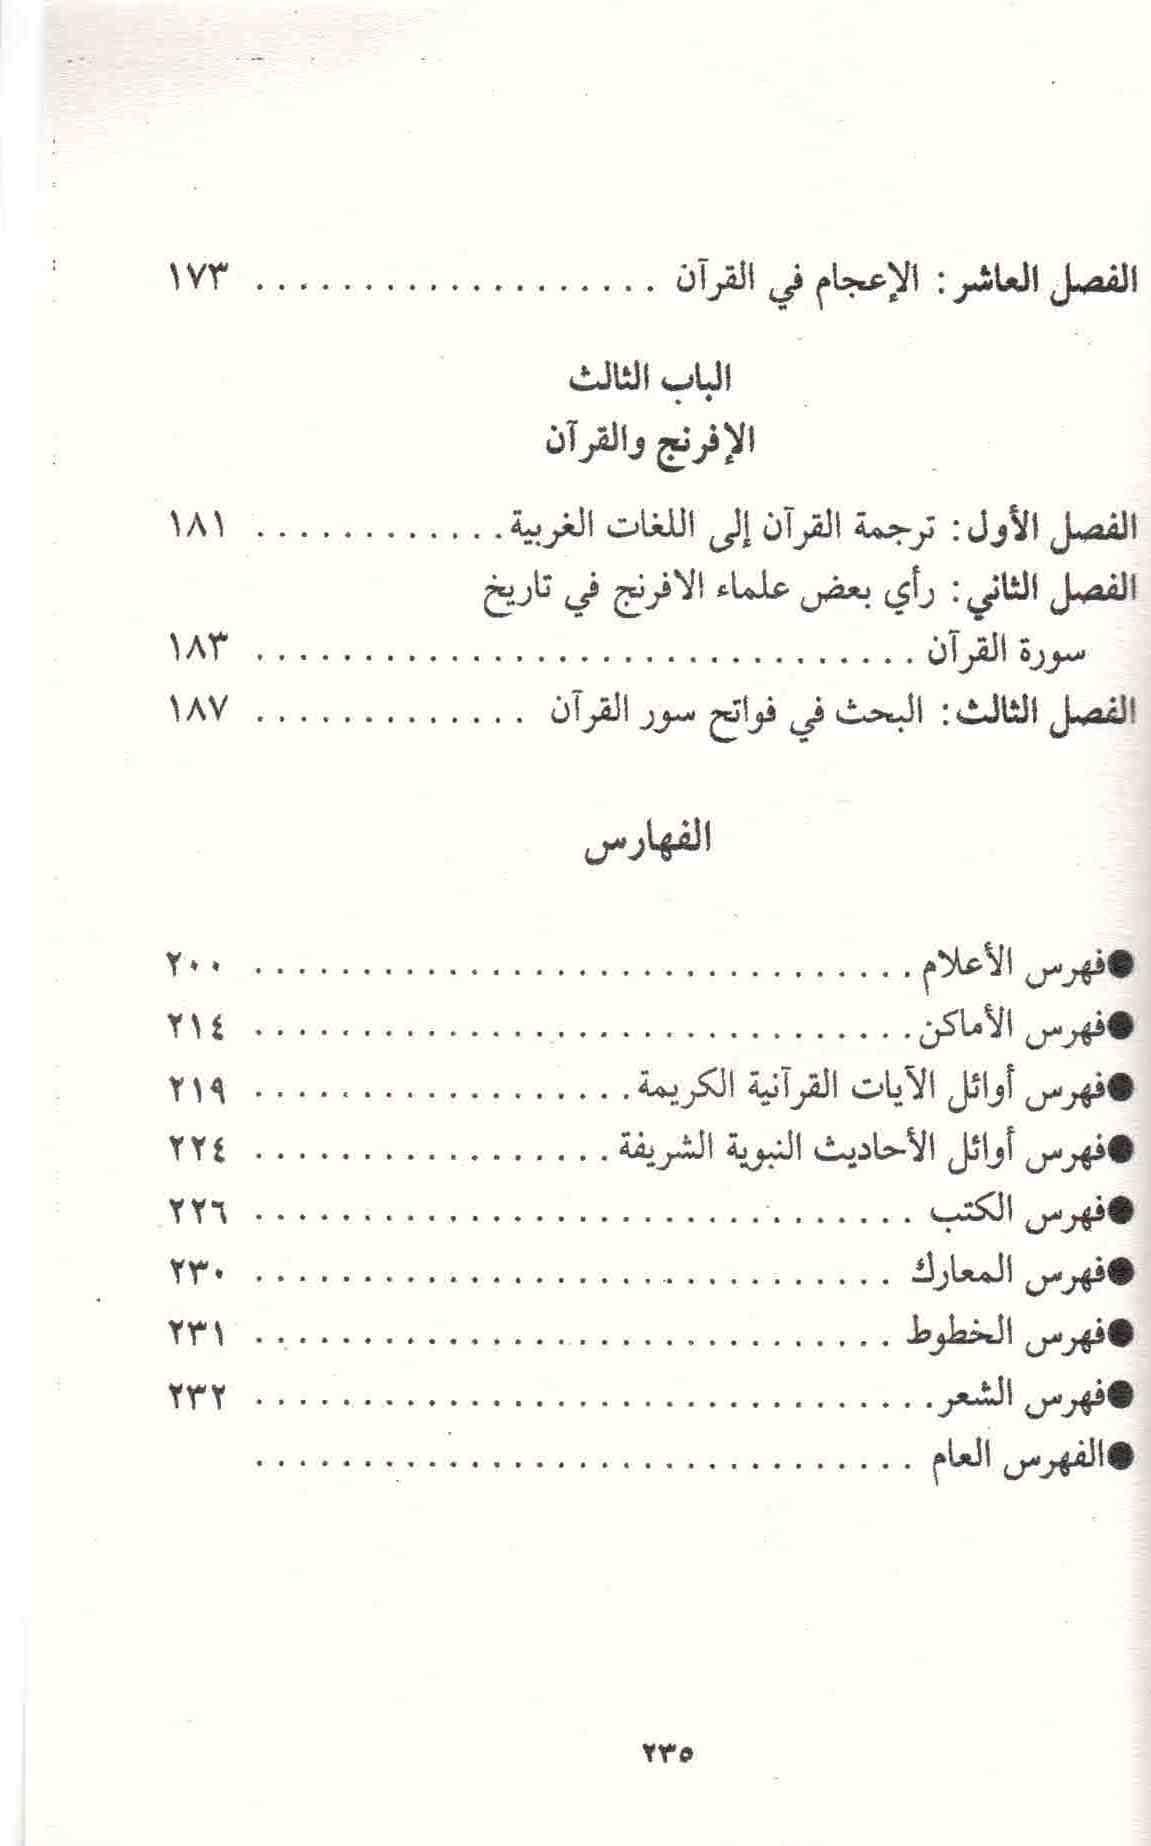 ص 235 محتويات كتاب تاريخ القرآن